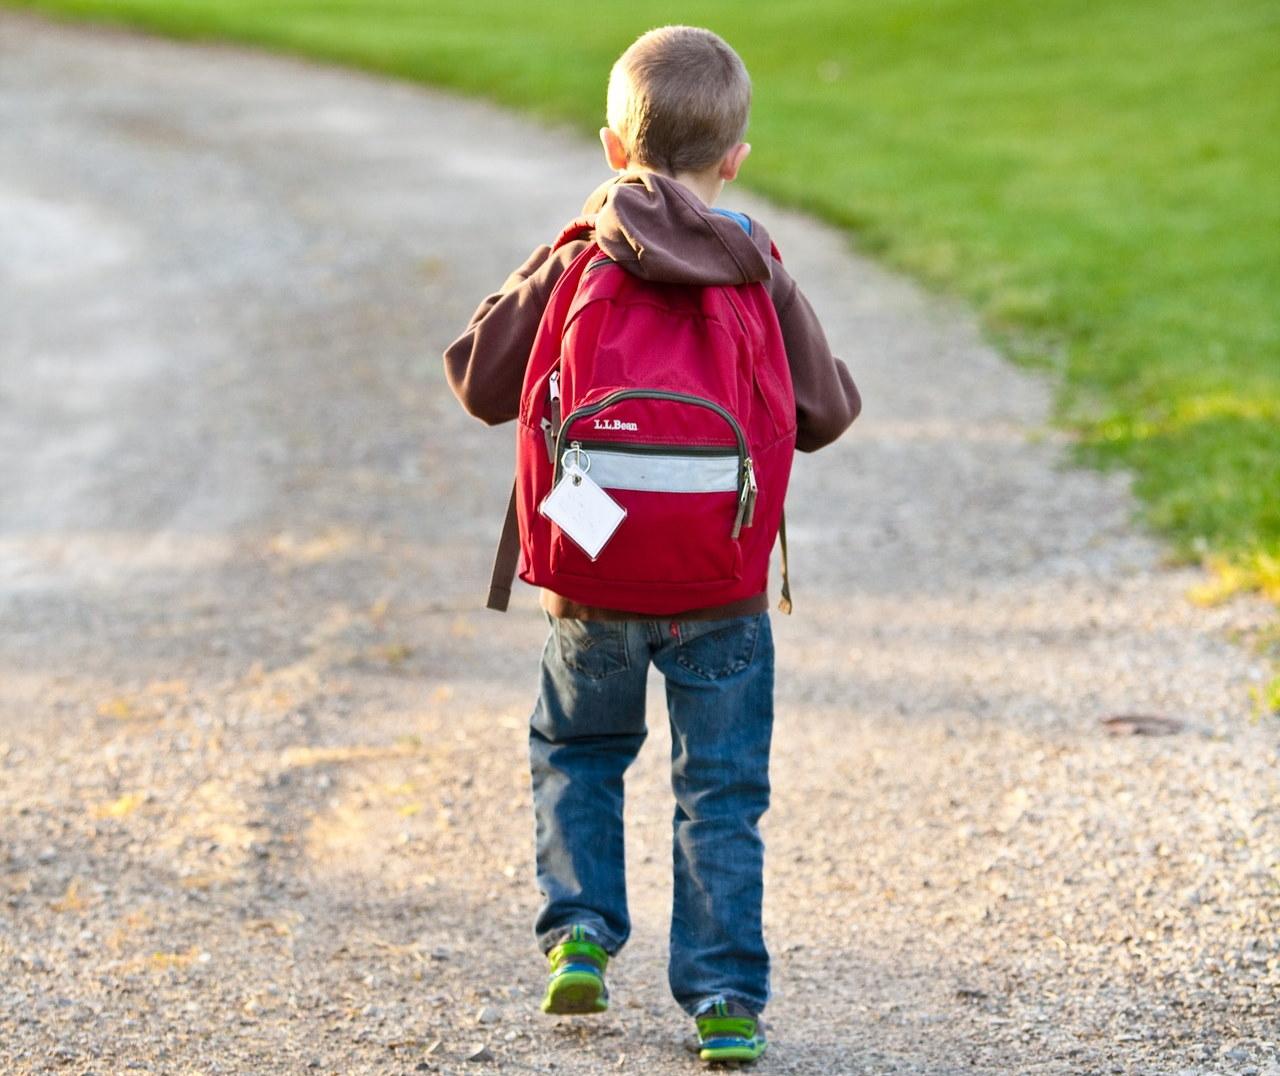 Co stanie się, gdy dzieci zacznie chorować podczas pobytu w szkole?